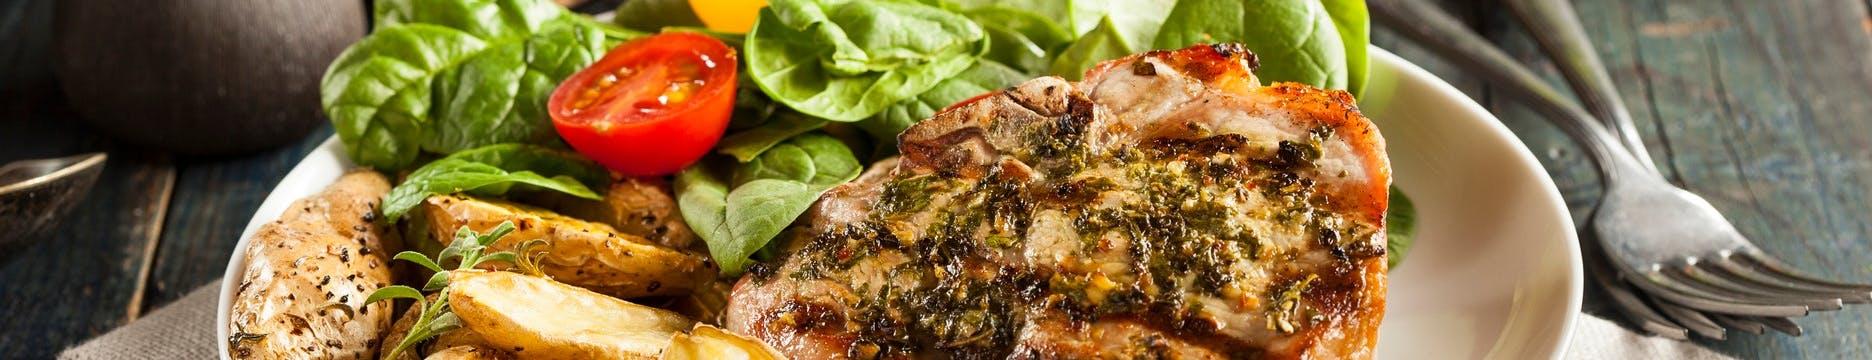 Menu Kuchnia Italia Zamów I Zapłać Online Kuchnia Italia